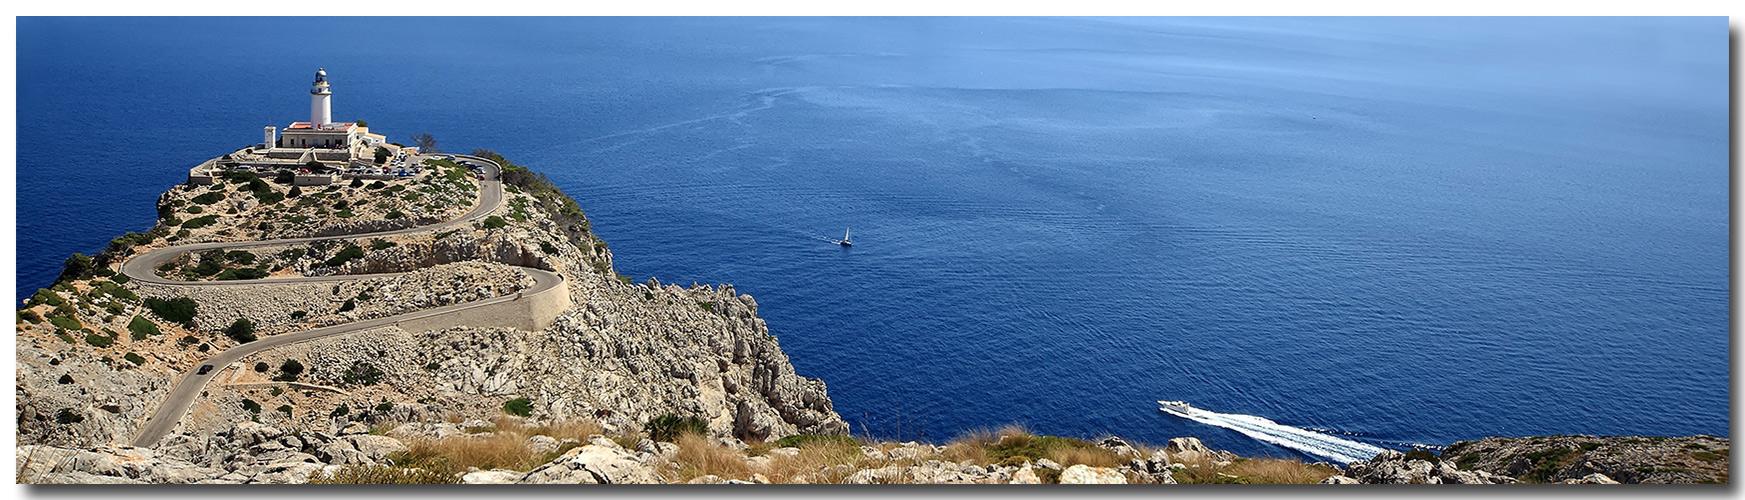 Cap Formentor -Leuchtturm